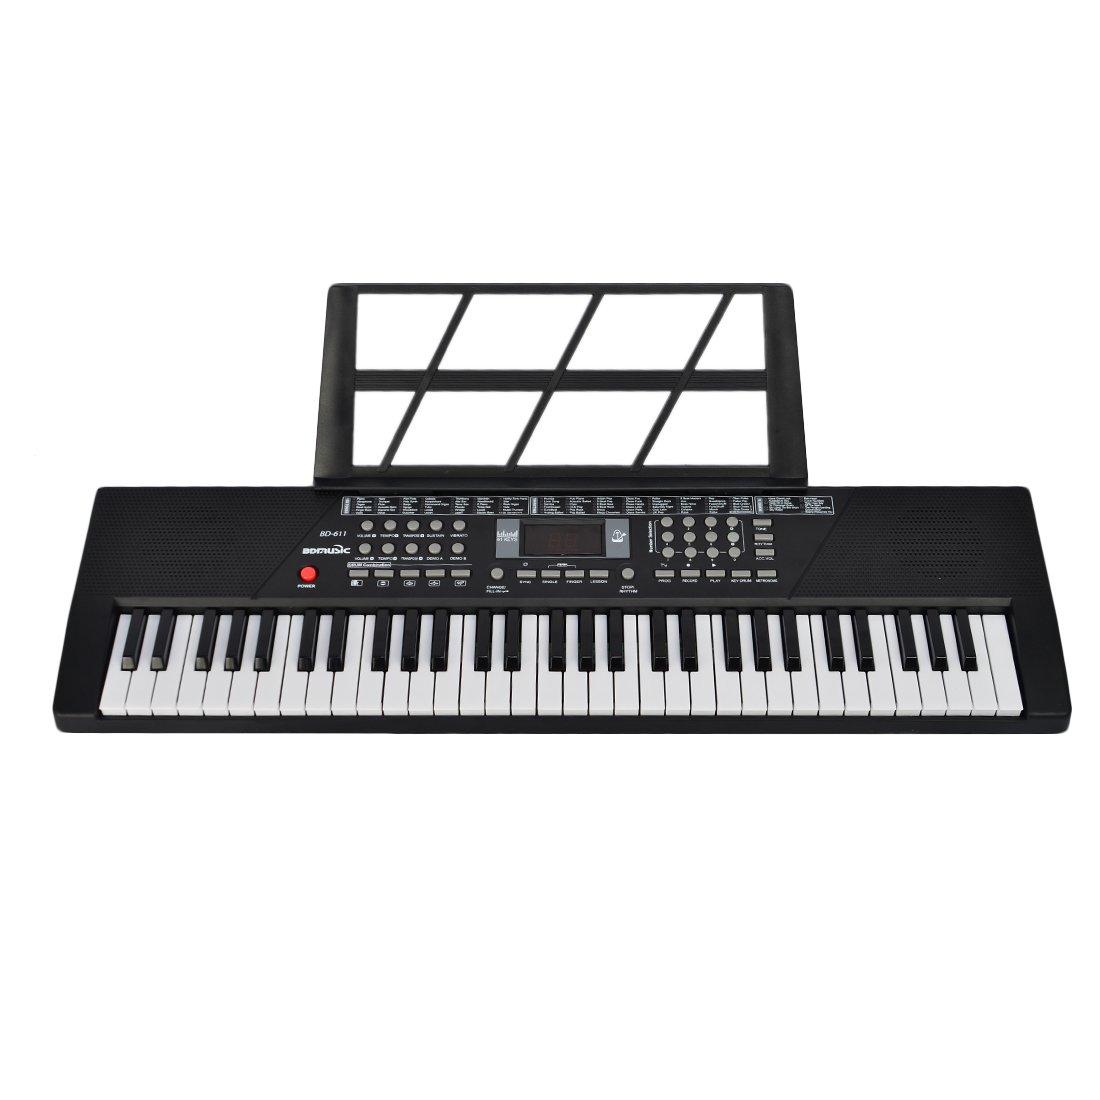 Piano para niños, Foxom 61 Teclas Electrónico Teclados Piano con Micrófono Partitura de Pie Piano Juguete Musical Regalo Para Niños Bebés Principiantes